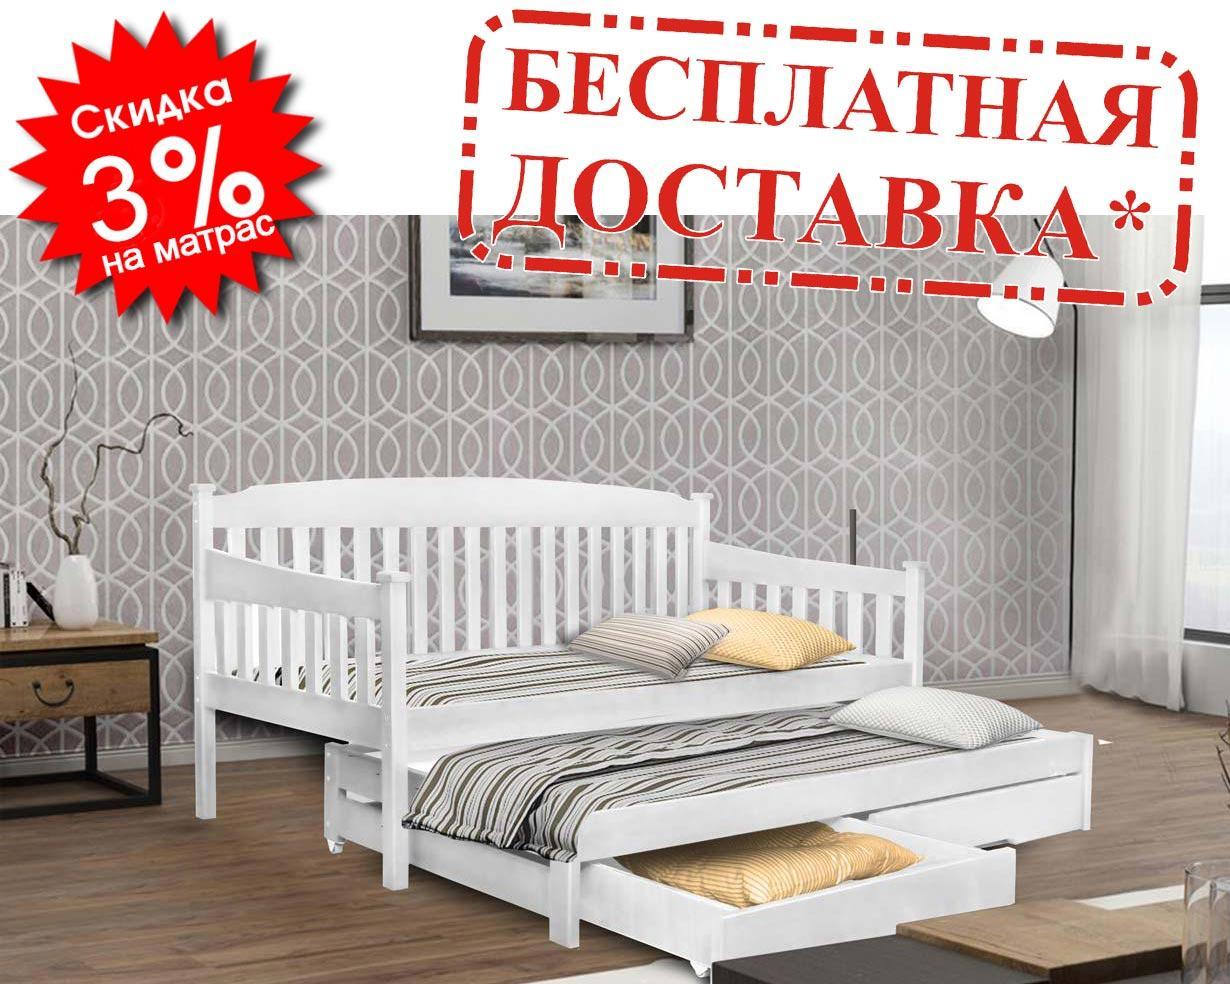 👪Деревянная кровать Юнис 80х190 см ТМ Mr.Mebl